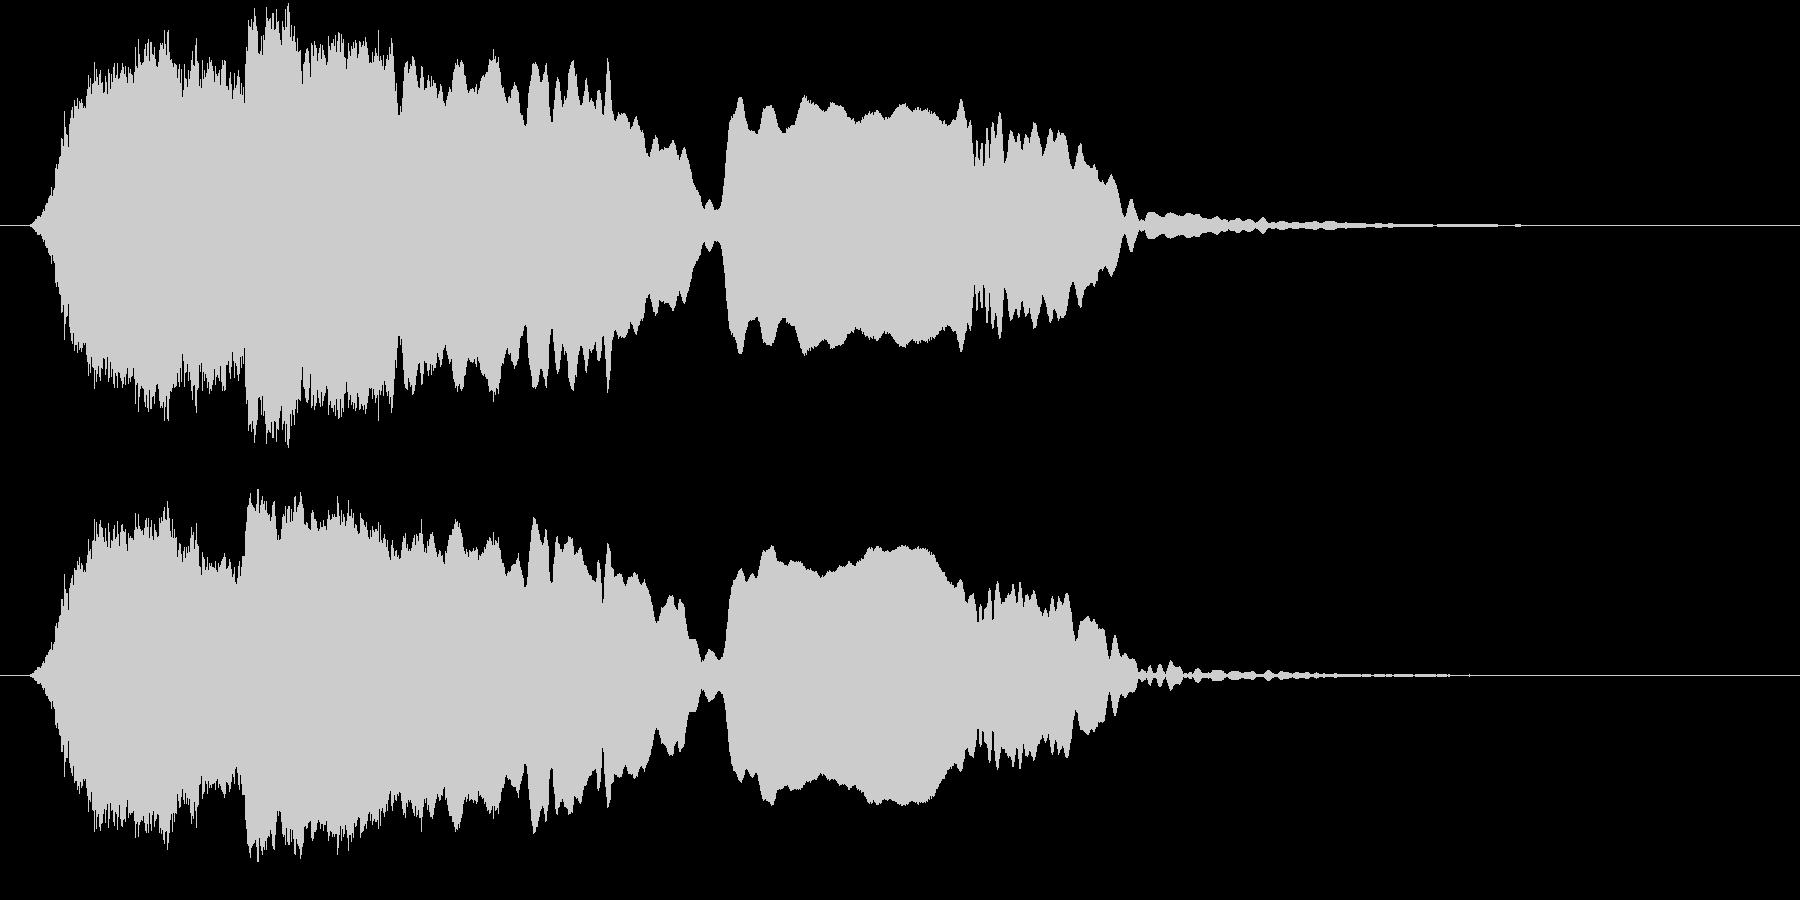 音侍SE「尺八フレーズ1」エニグマ音04の未再生の波形